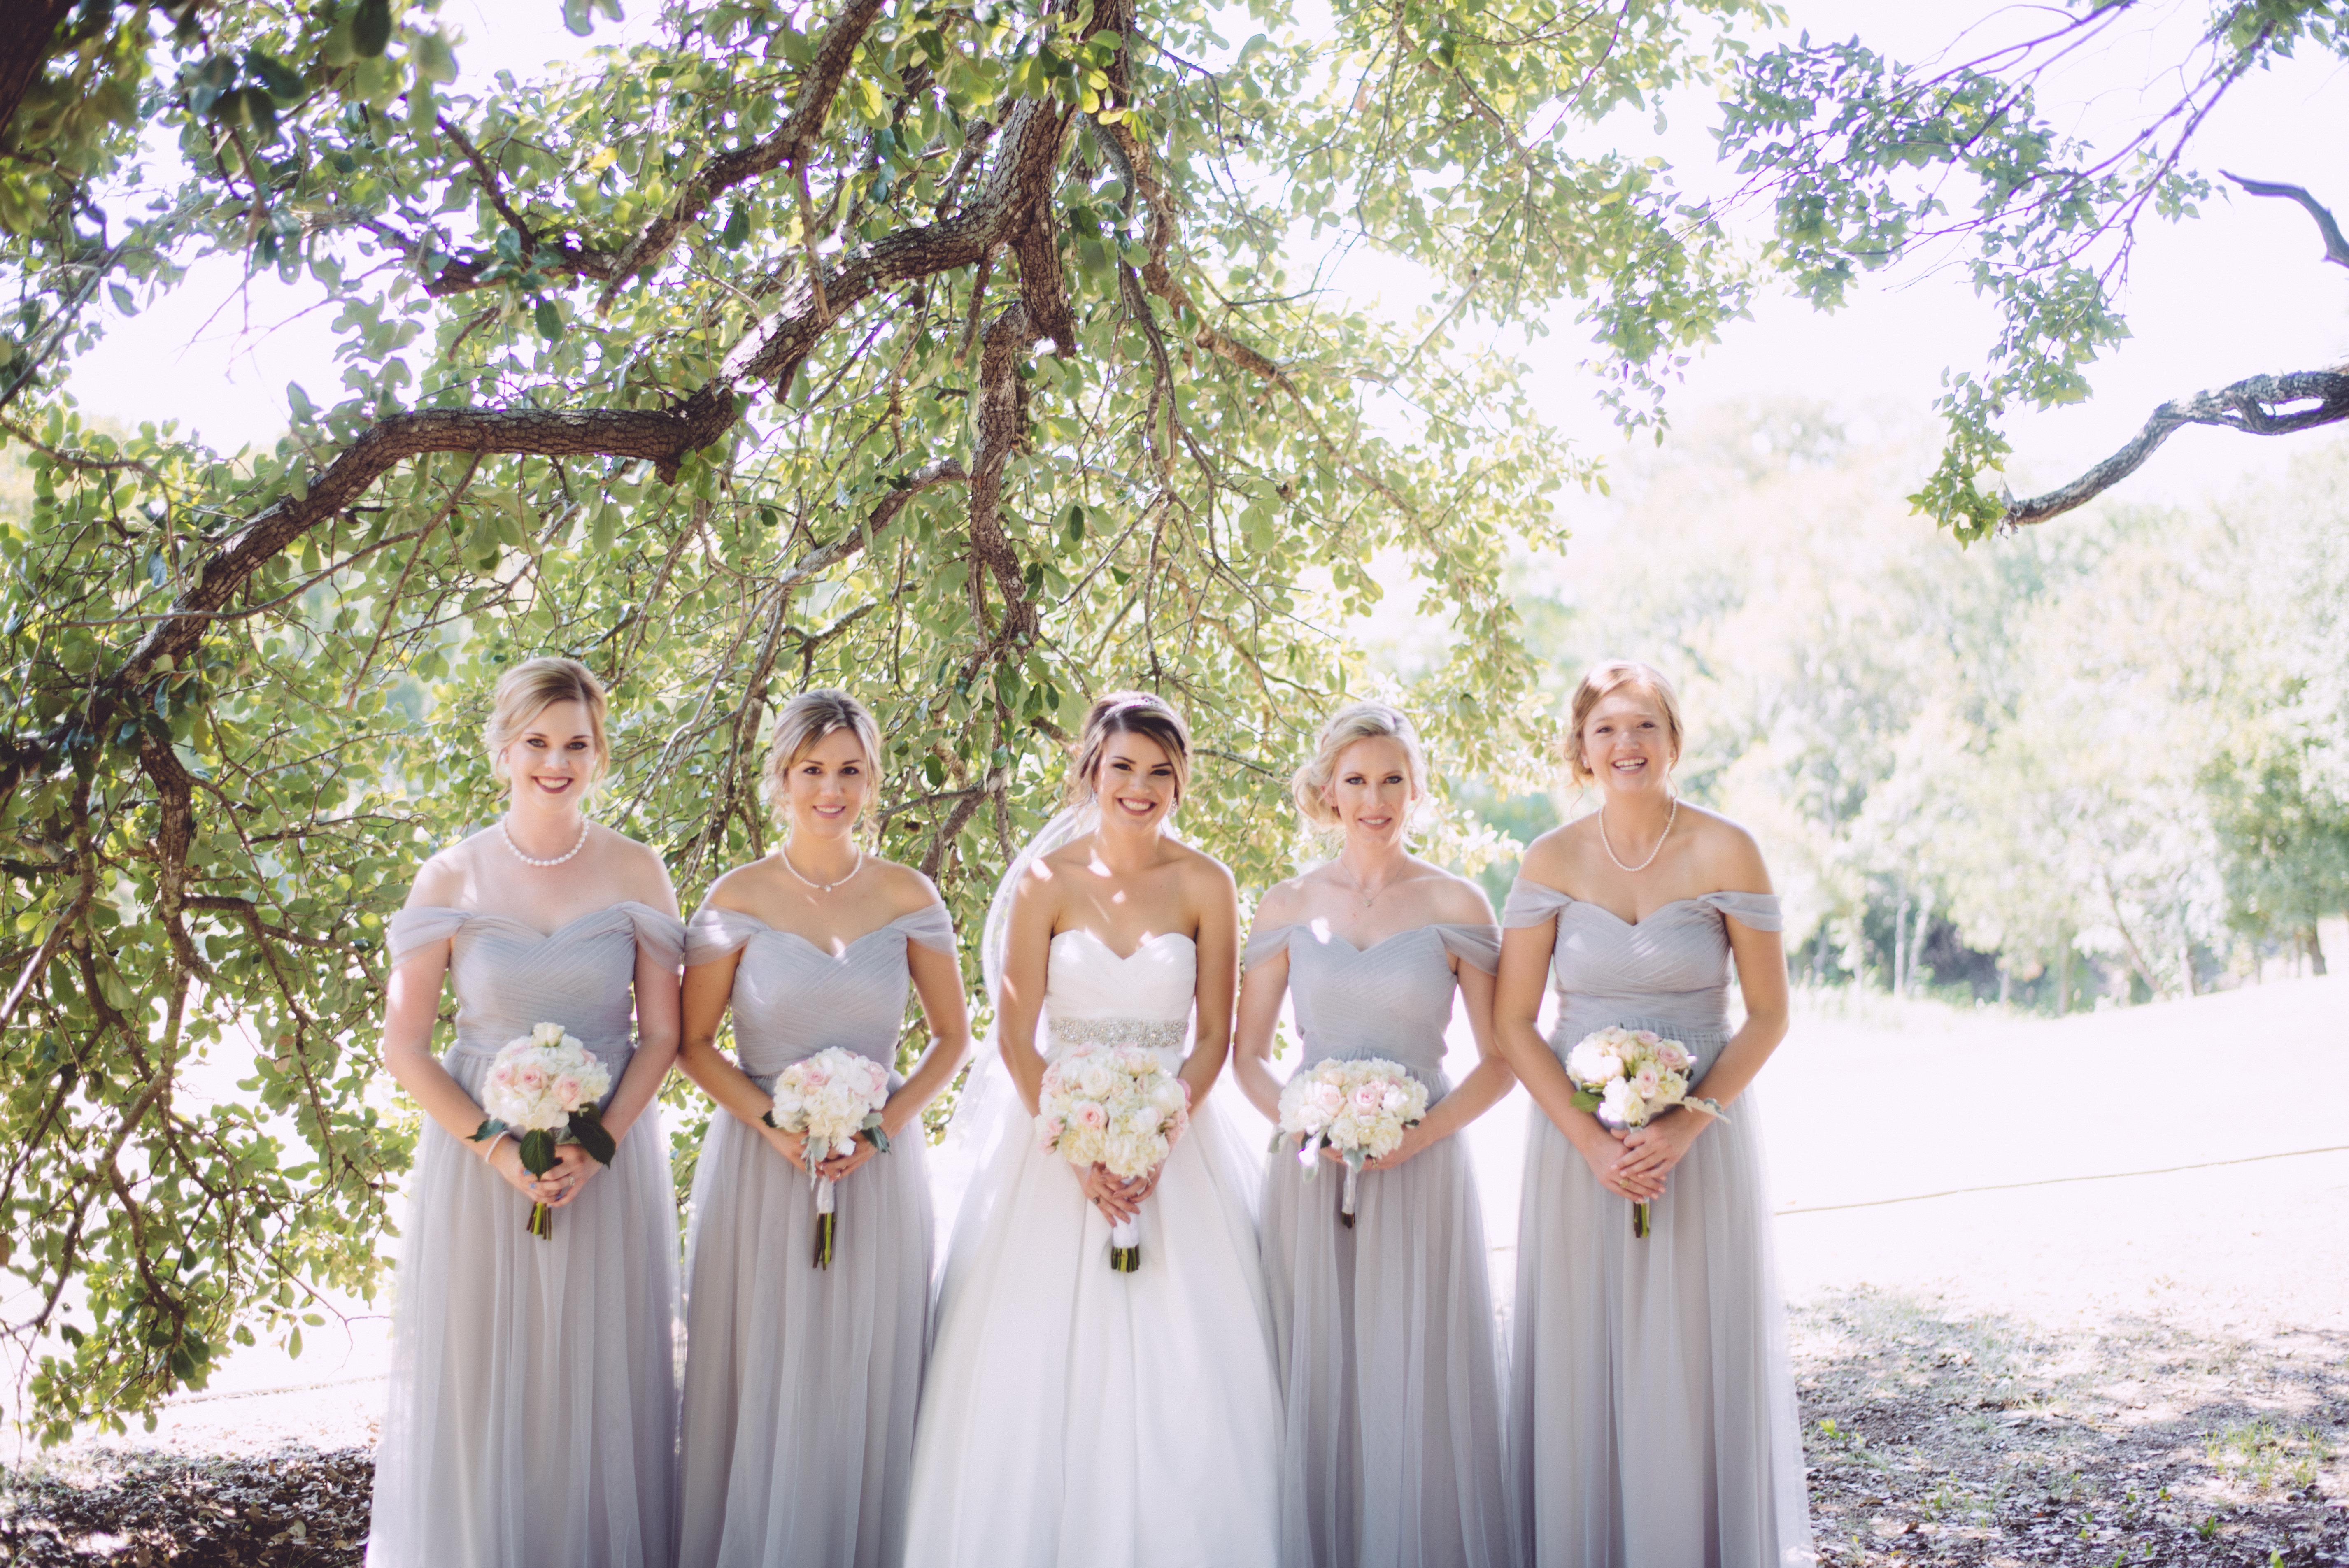 acwedding-11220112acwedding